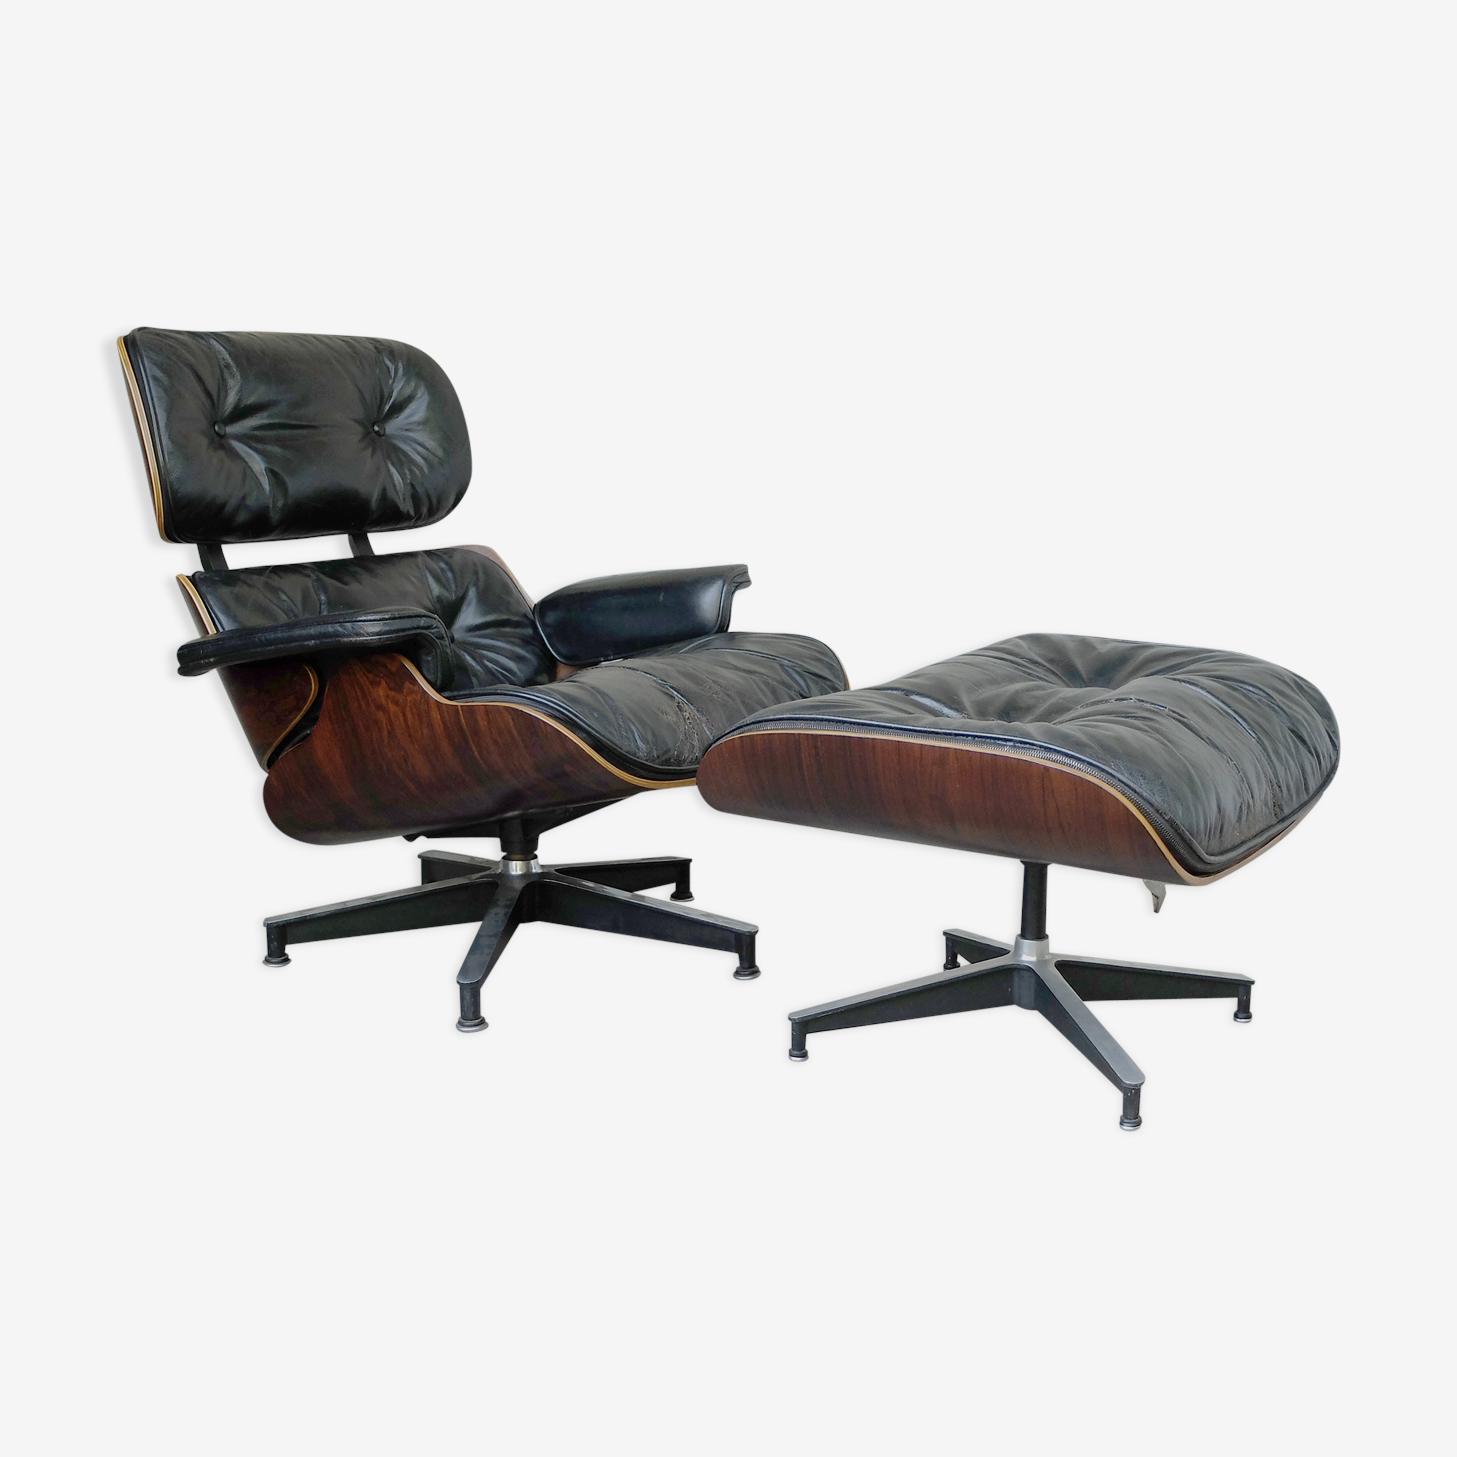 Lounge chair 670 & ottoman 671 Herman Miller Eames